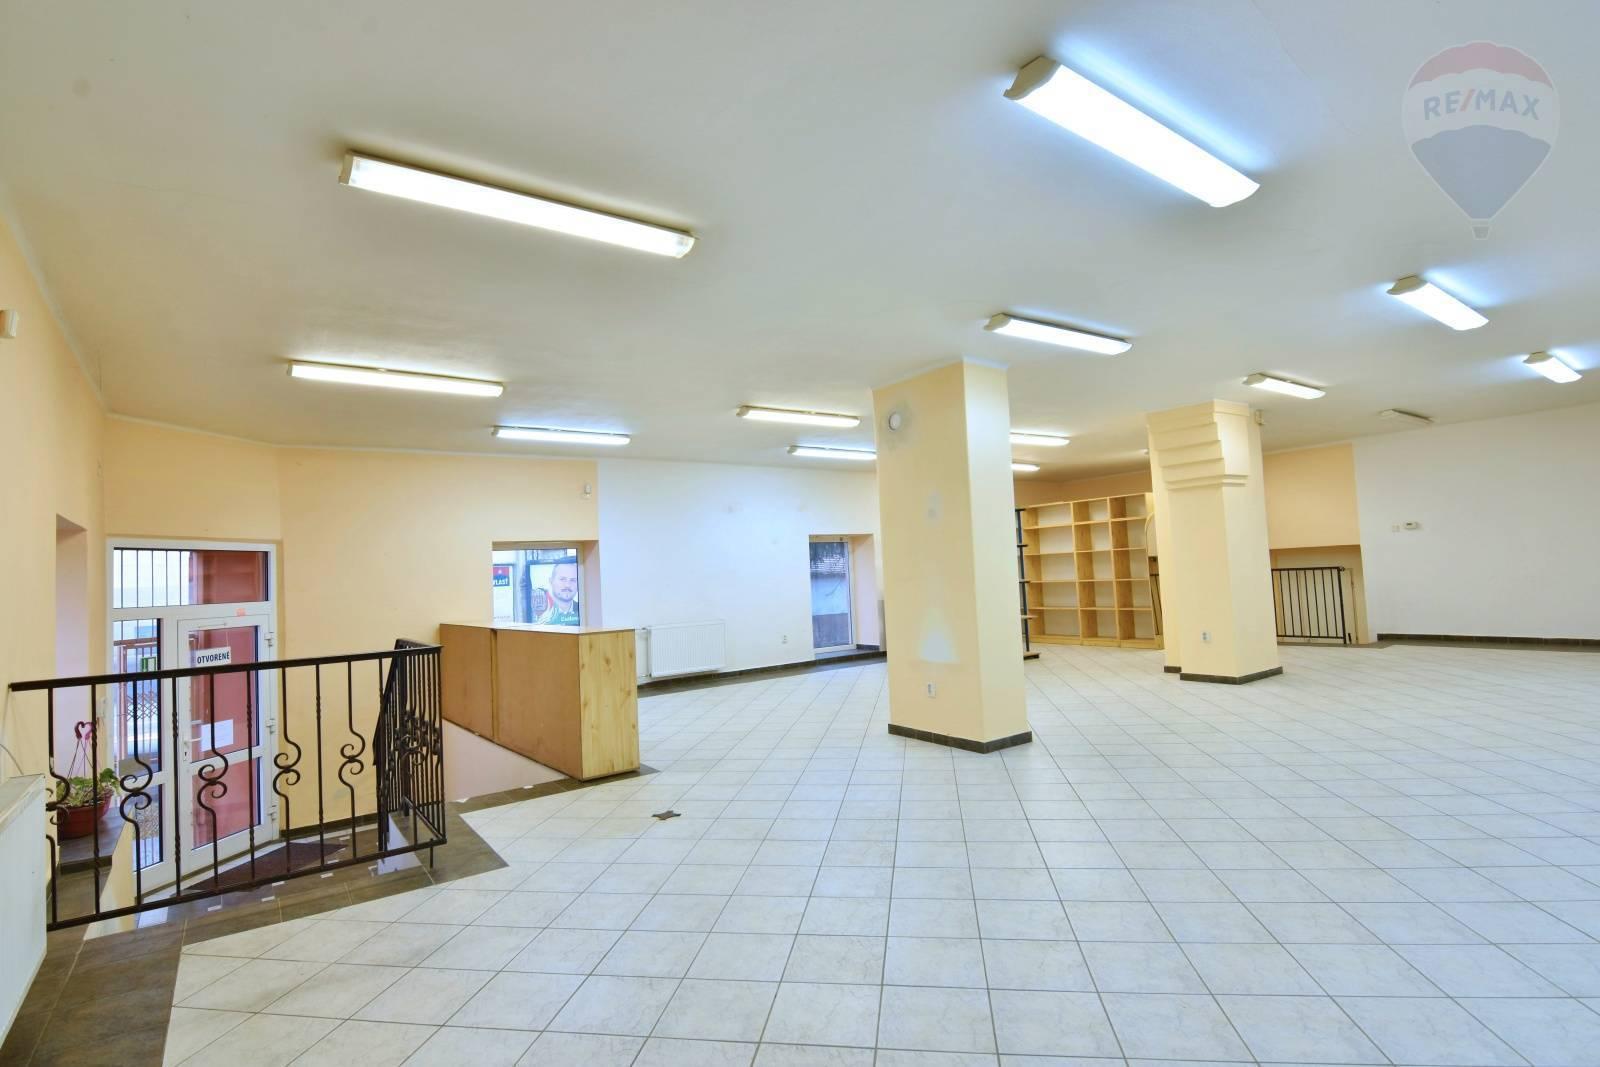 Podnikateľský priestor pre obchod , služby , sídlo firmy 110 m2  námestie   Nitrianske Pravno